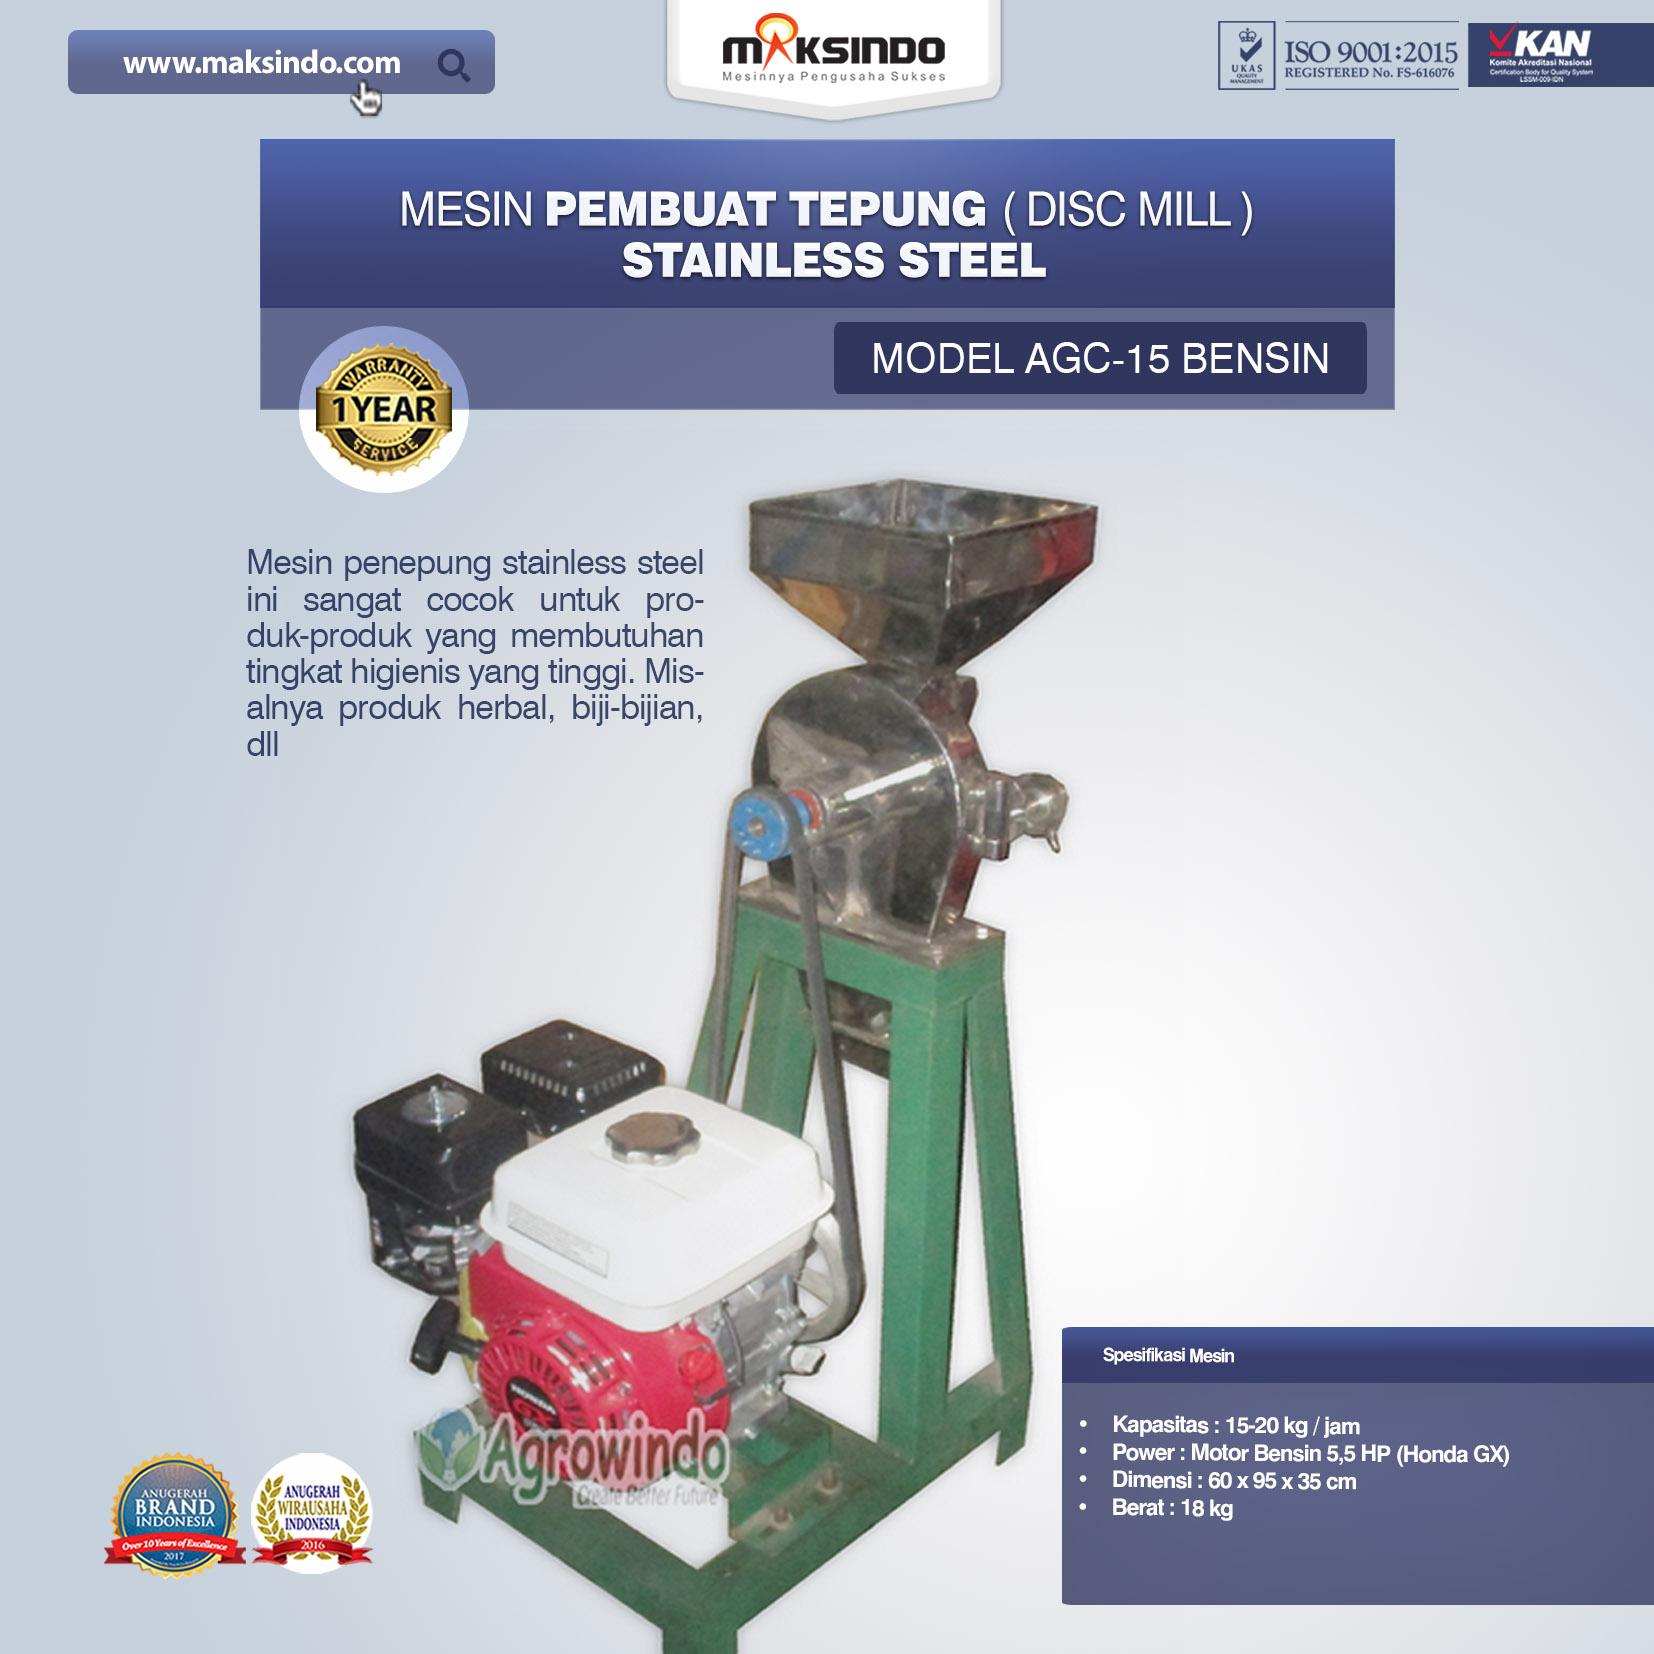 Mesin Penepung Disk Mill Body Stainless Model AGC 15 Bensin